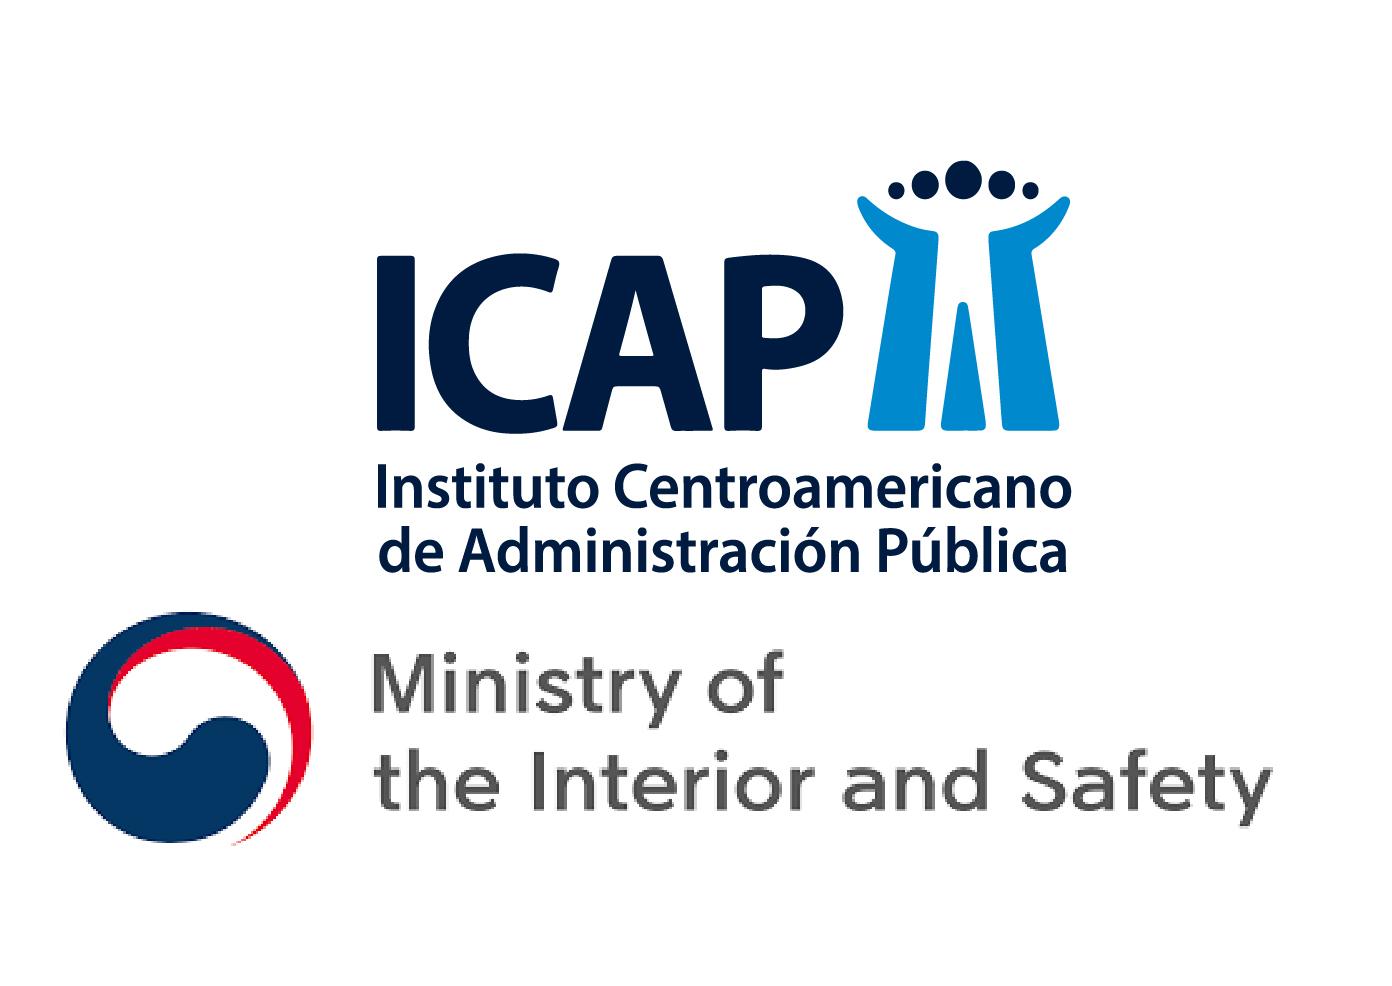 ICAP firmó convenio de cooperación con Ministerio del Interior y Seguridad de Corea